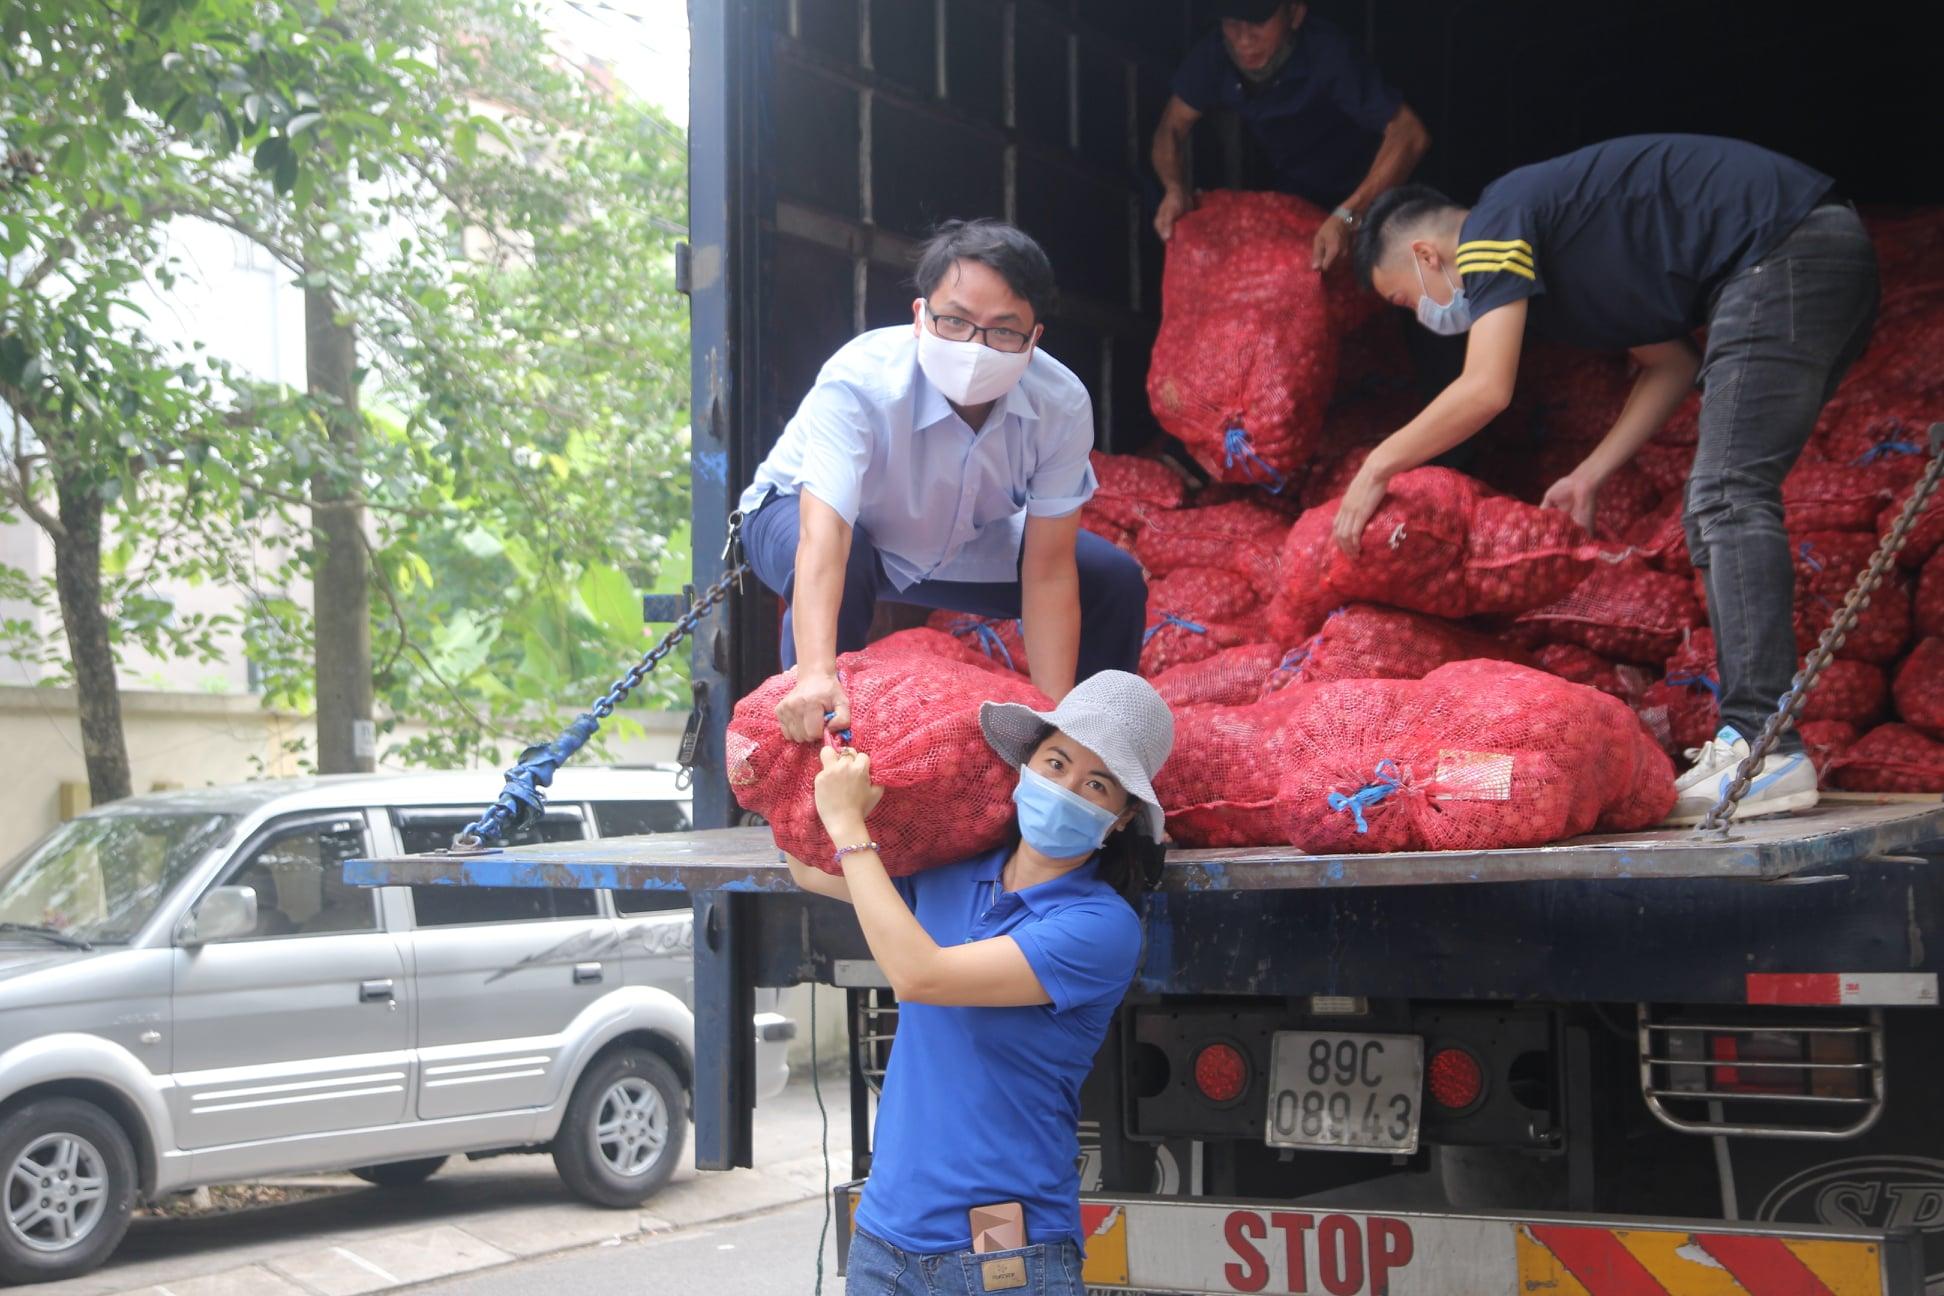 Hội nông dân tỉnh Thái Nguyên hỗ trợ tiêu thụ 17 tấn hành tím cho bà con nông dân Sóc Trăng - Ảnh 1.